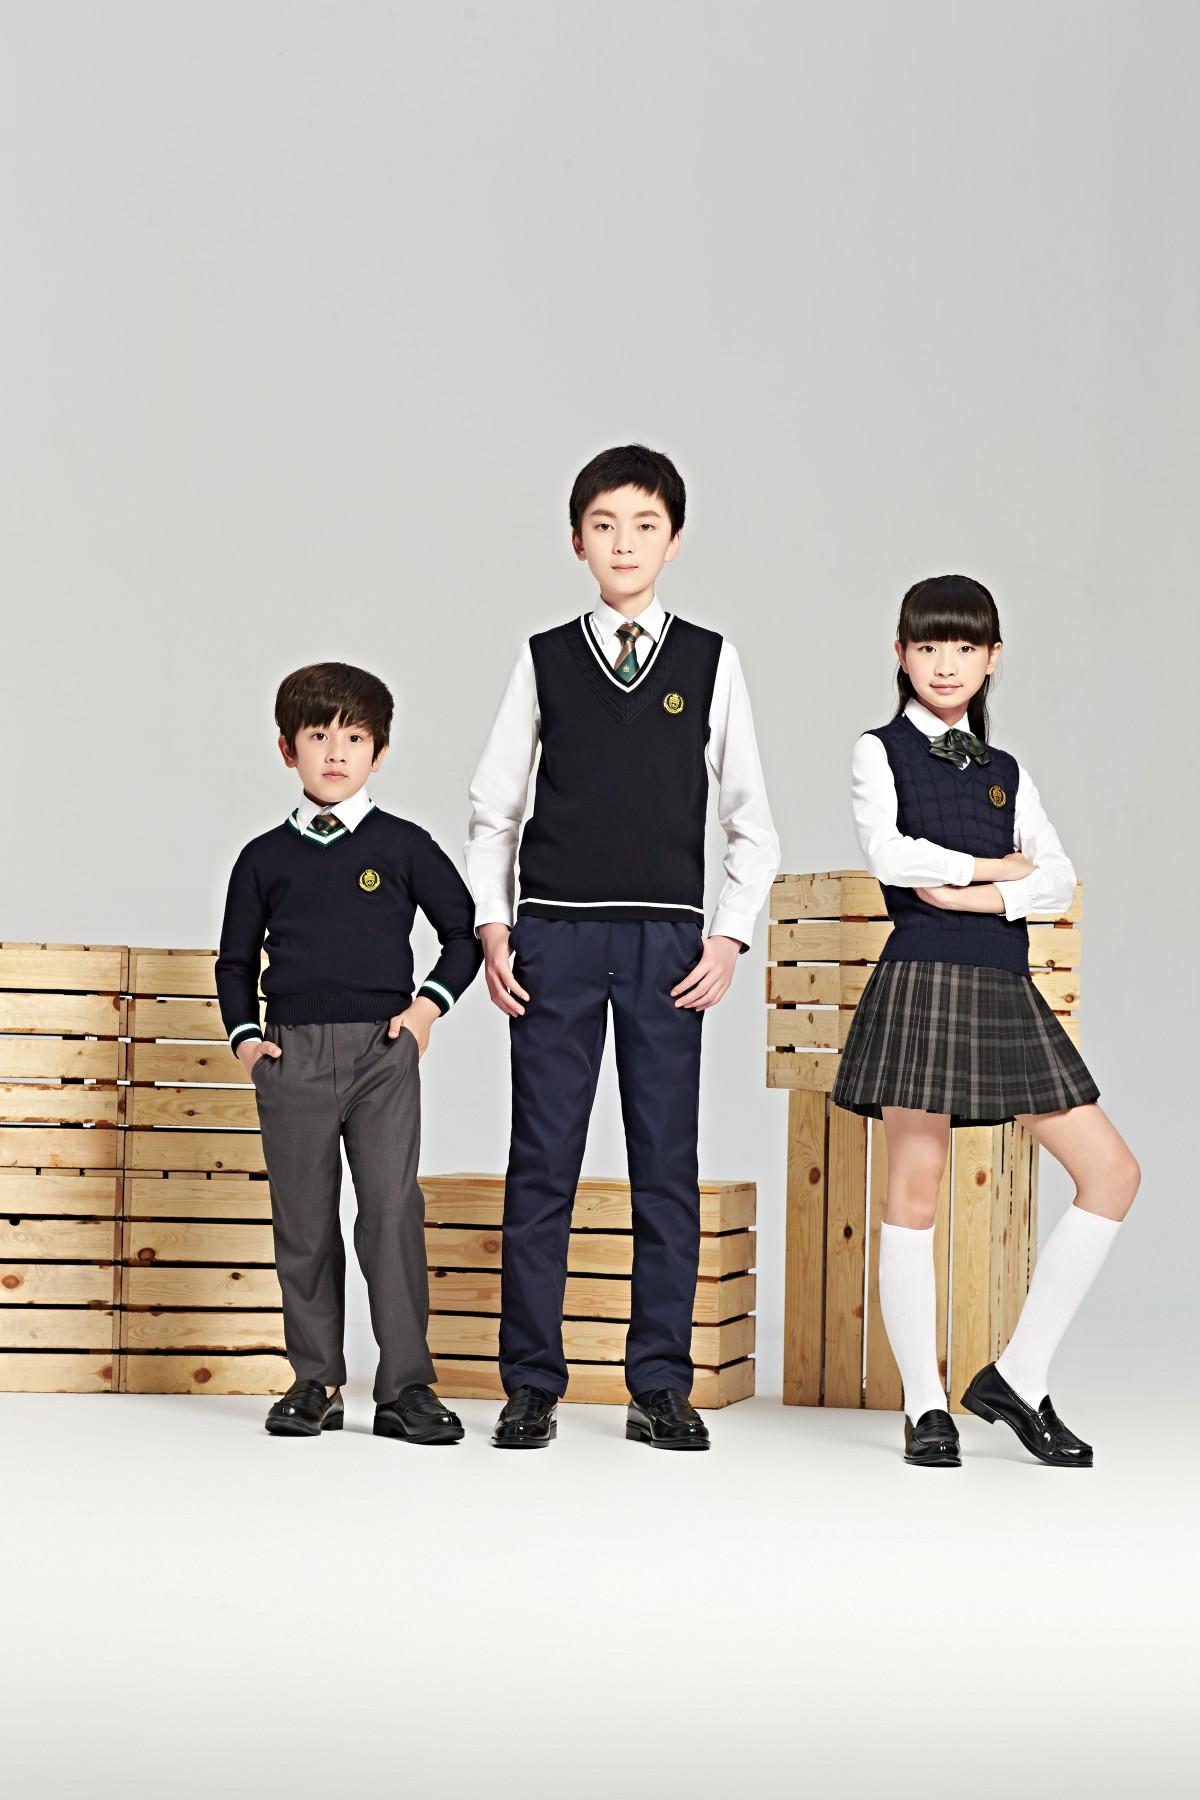 好看的校服_中国的校服为什么这么难看,而日本的为什么这么好看?我们的